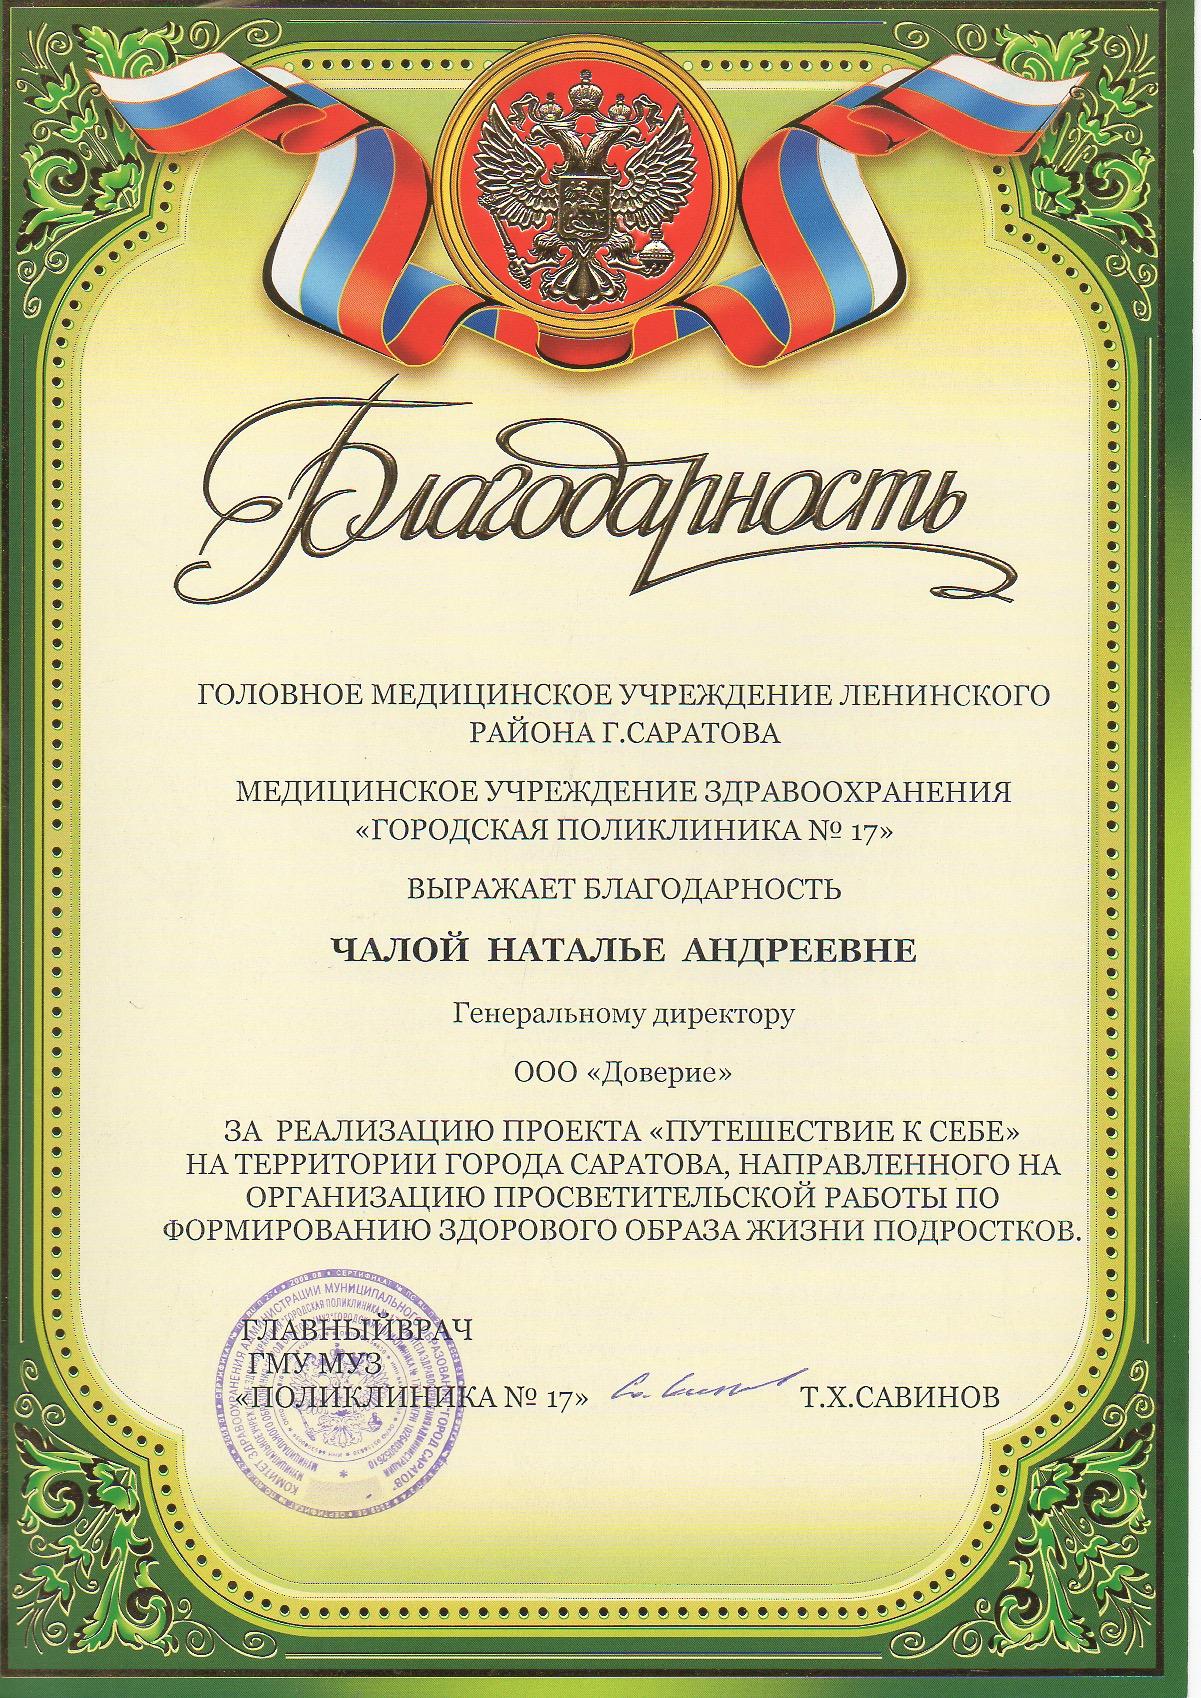 Саратов 2010 год